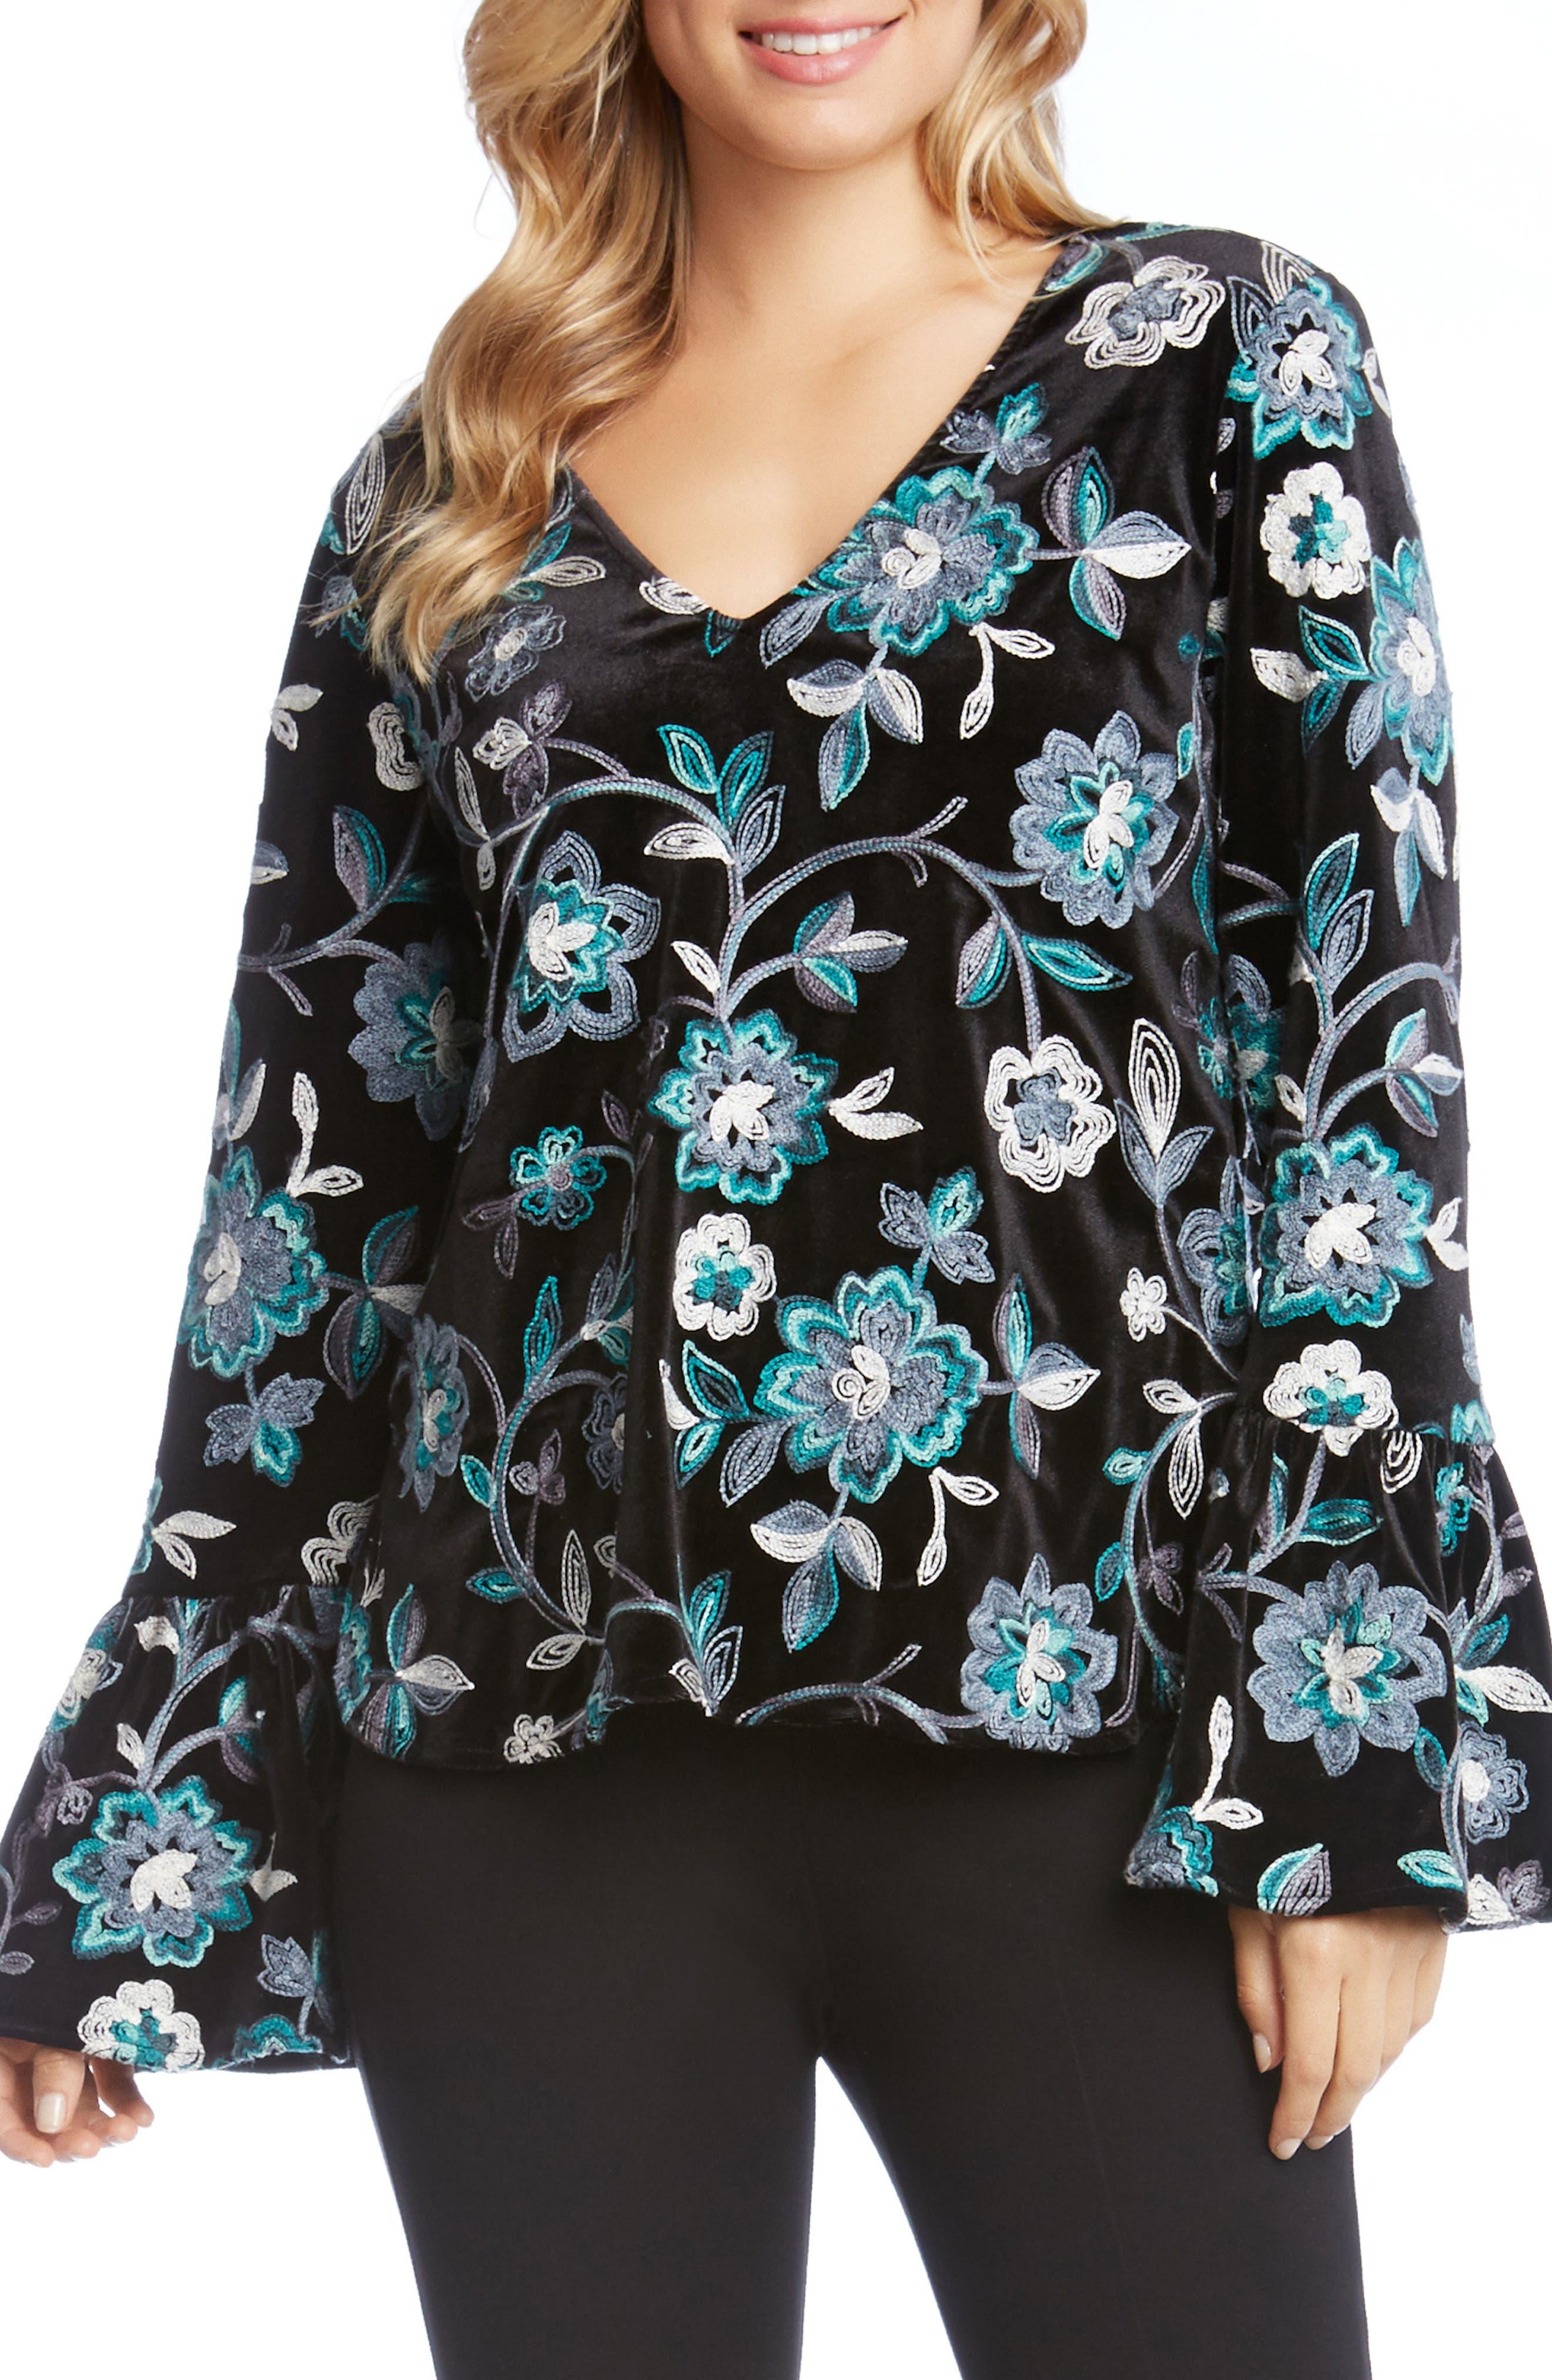 Alternate Image 1 Selected - Karen Kane Embroidered Floral Velvet Top